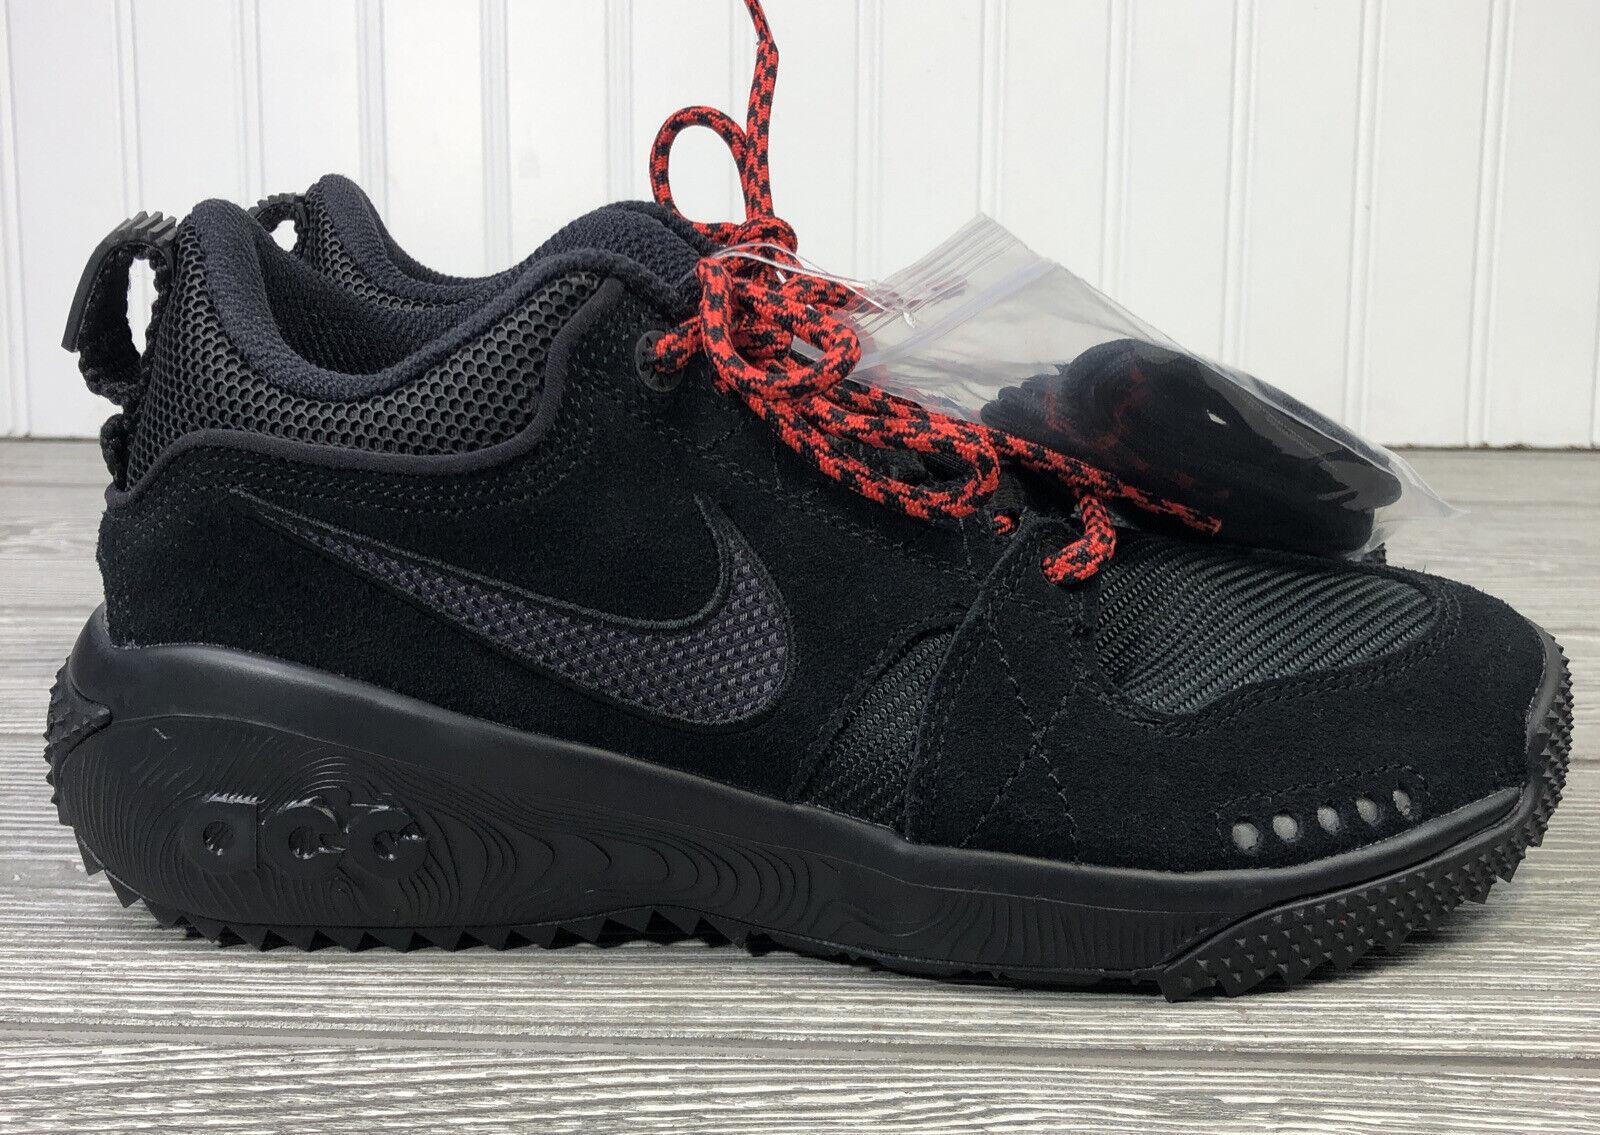 Nike ACG Dog Mountain Hiking Trail Shoes Black AQ0916-003 Men's 4.5, Women's 6